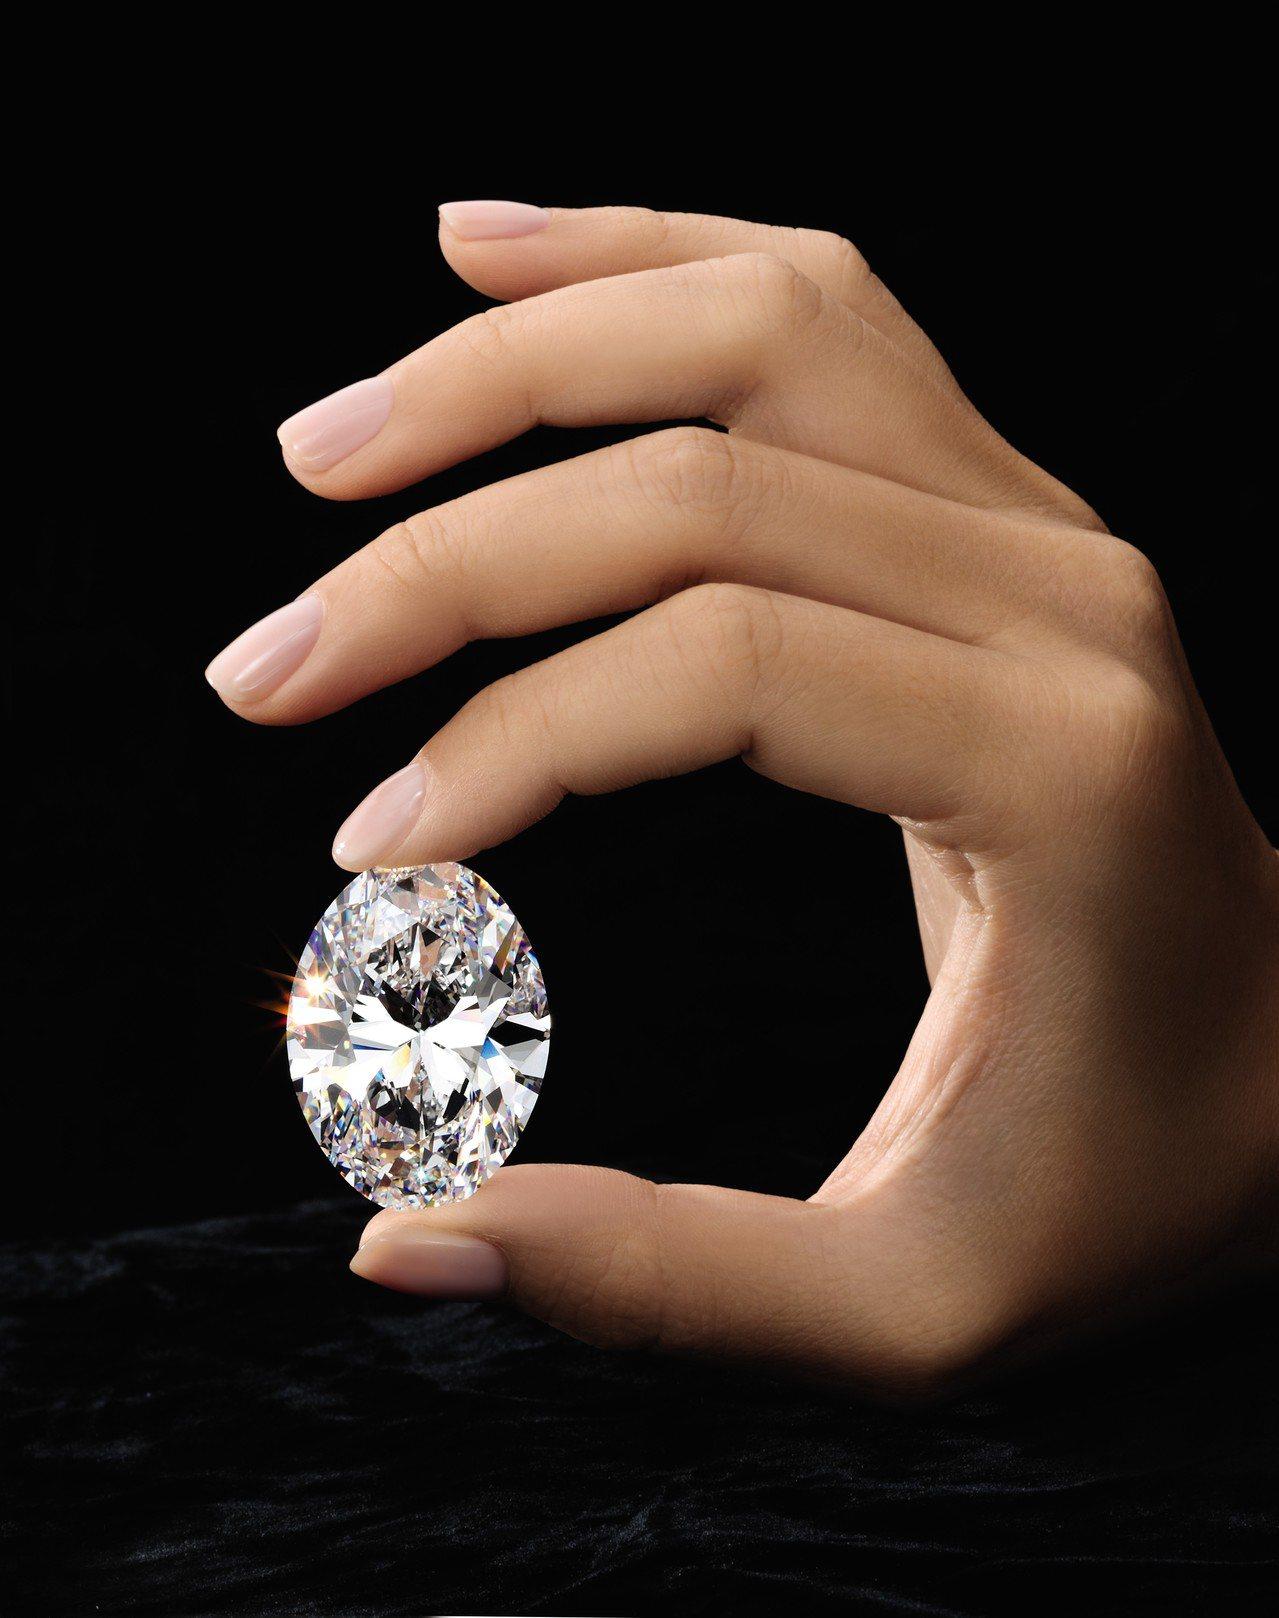 蘇富比香港春拍的焦點之一為一顆88.22克拉完美無瑕橢圓形巨鑽,估價約3.5億元...